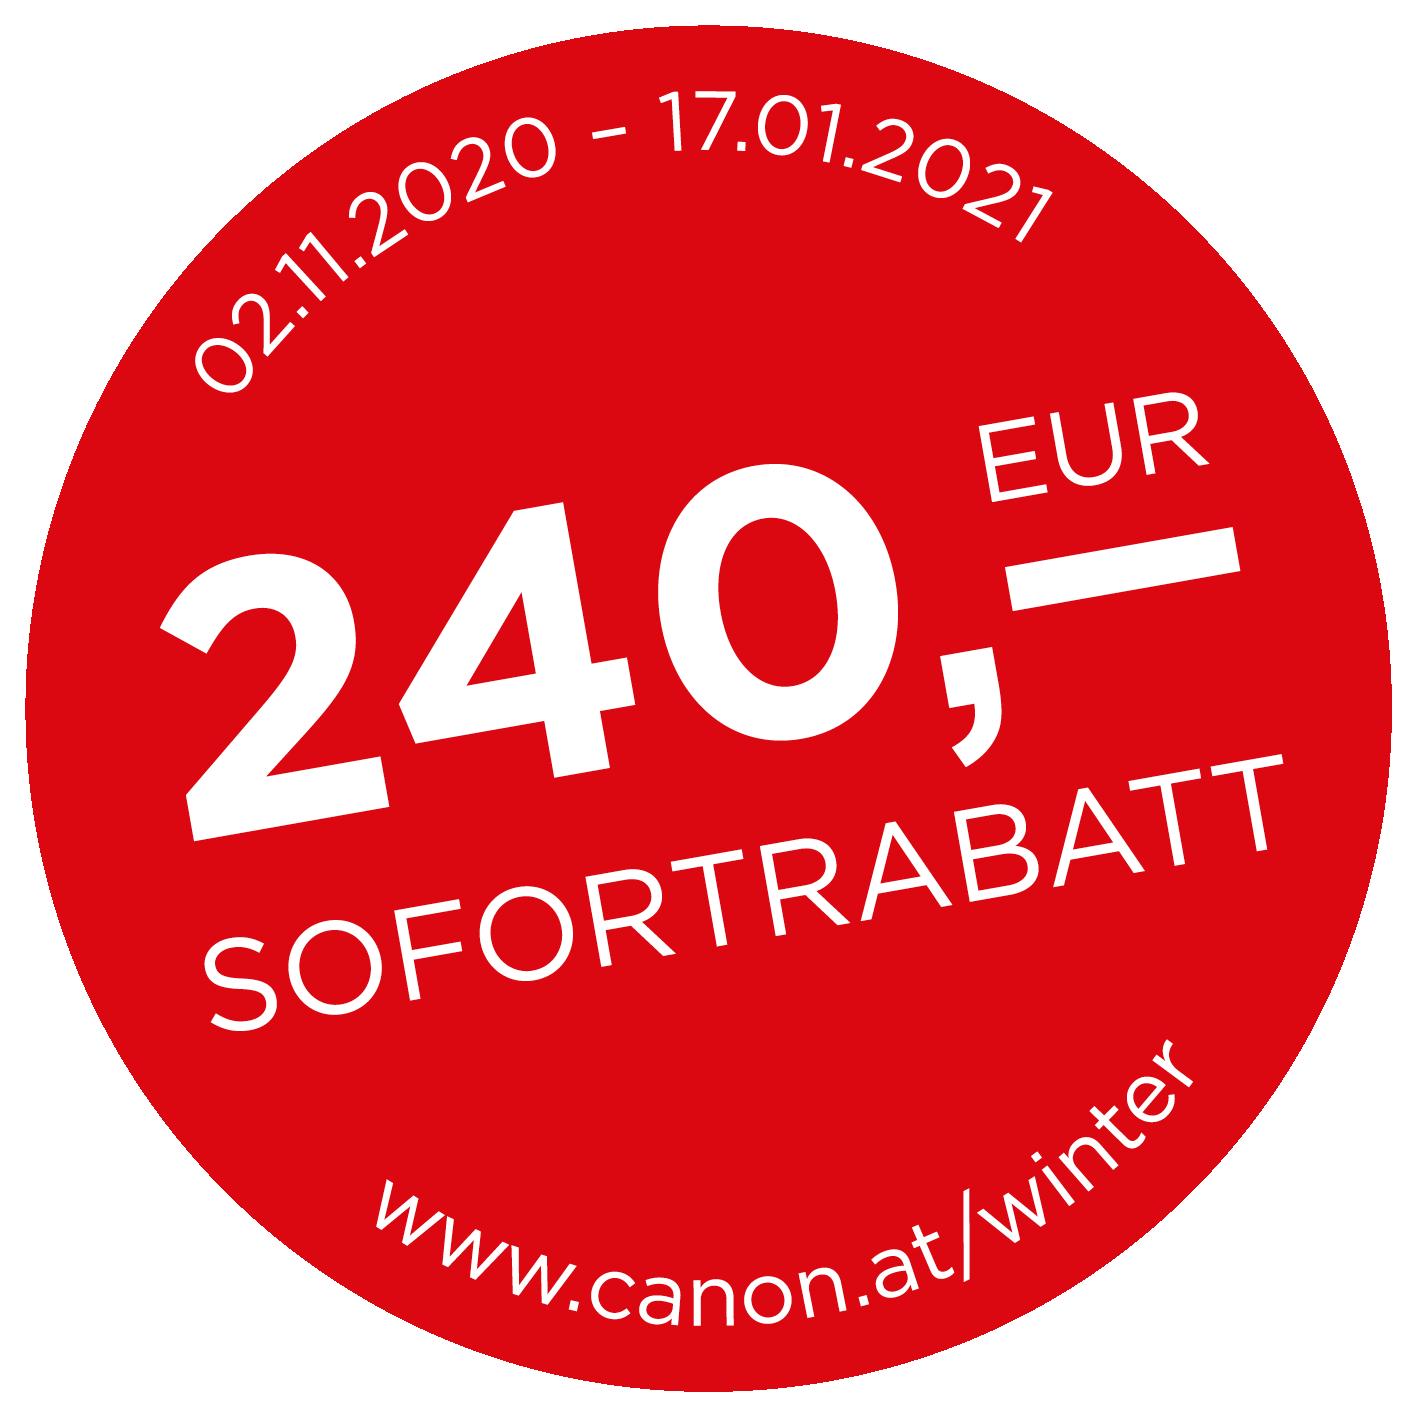 CANON_WINTER_240